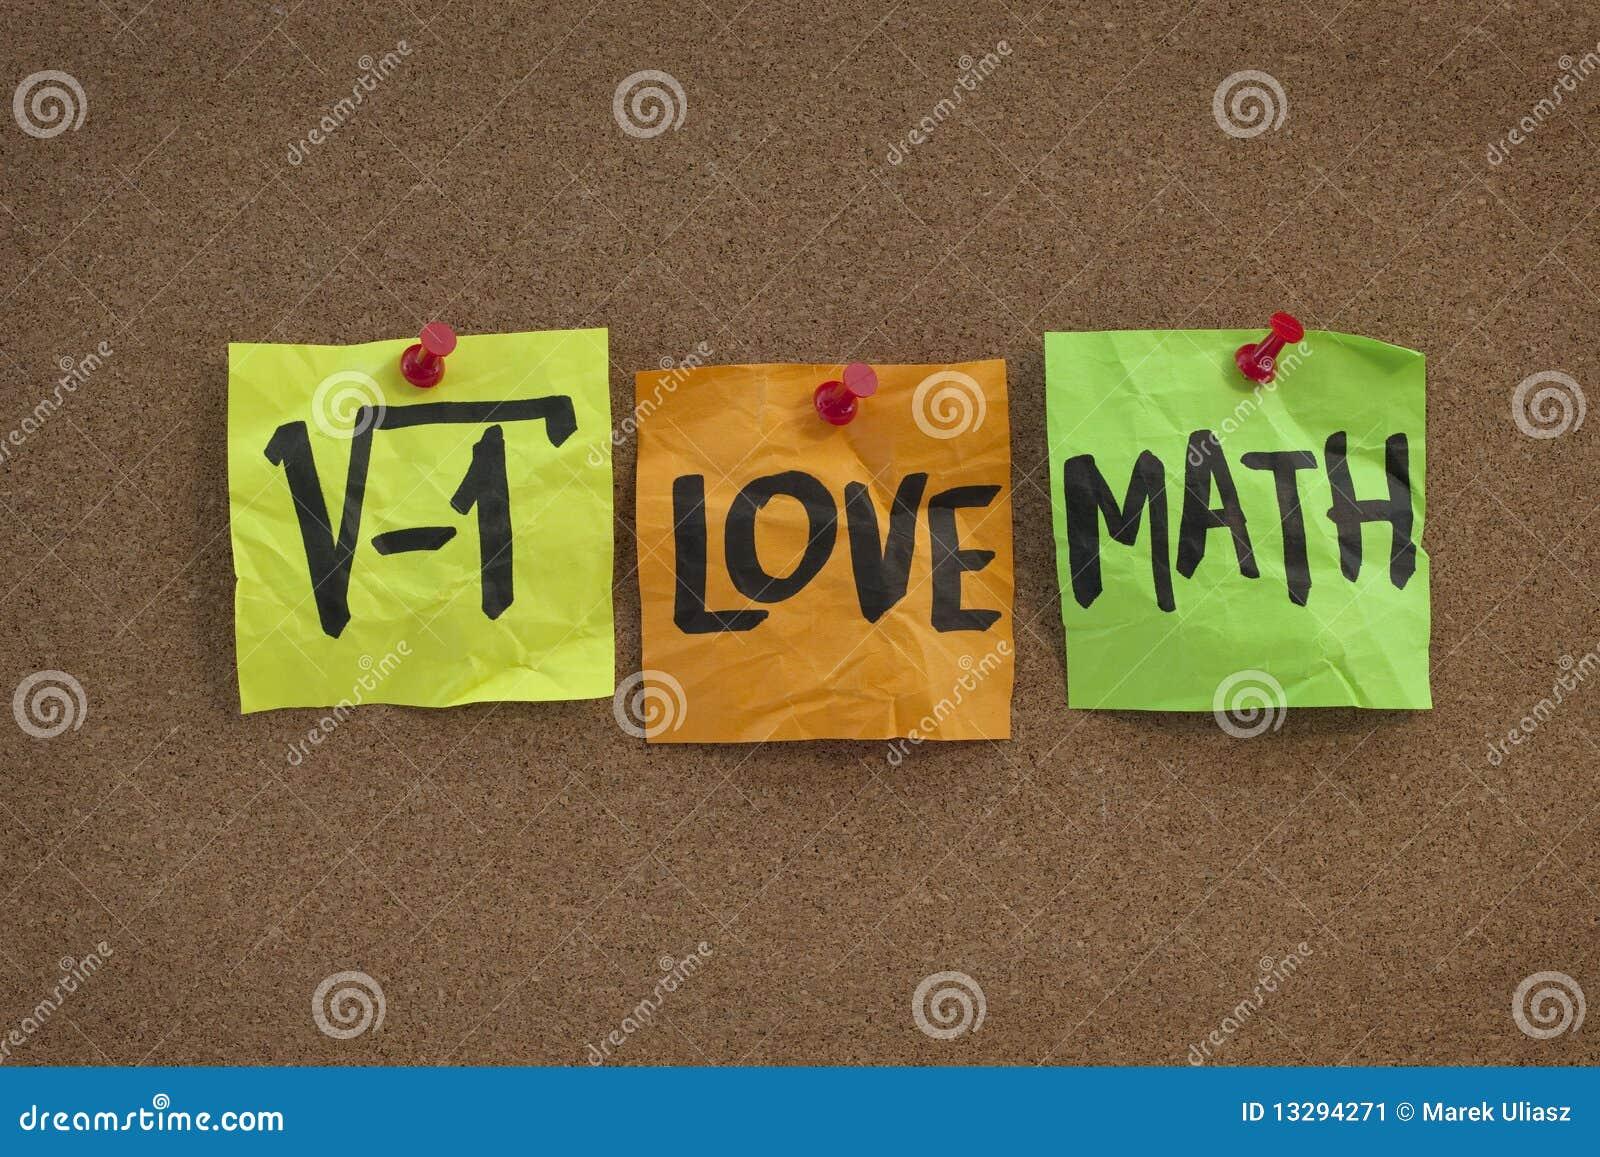 I love math - concept on bulletin board